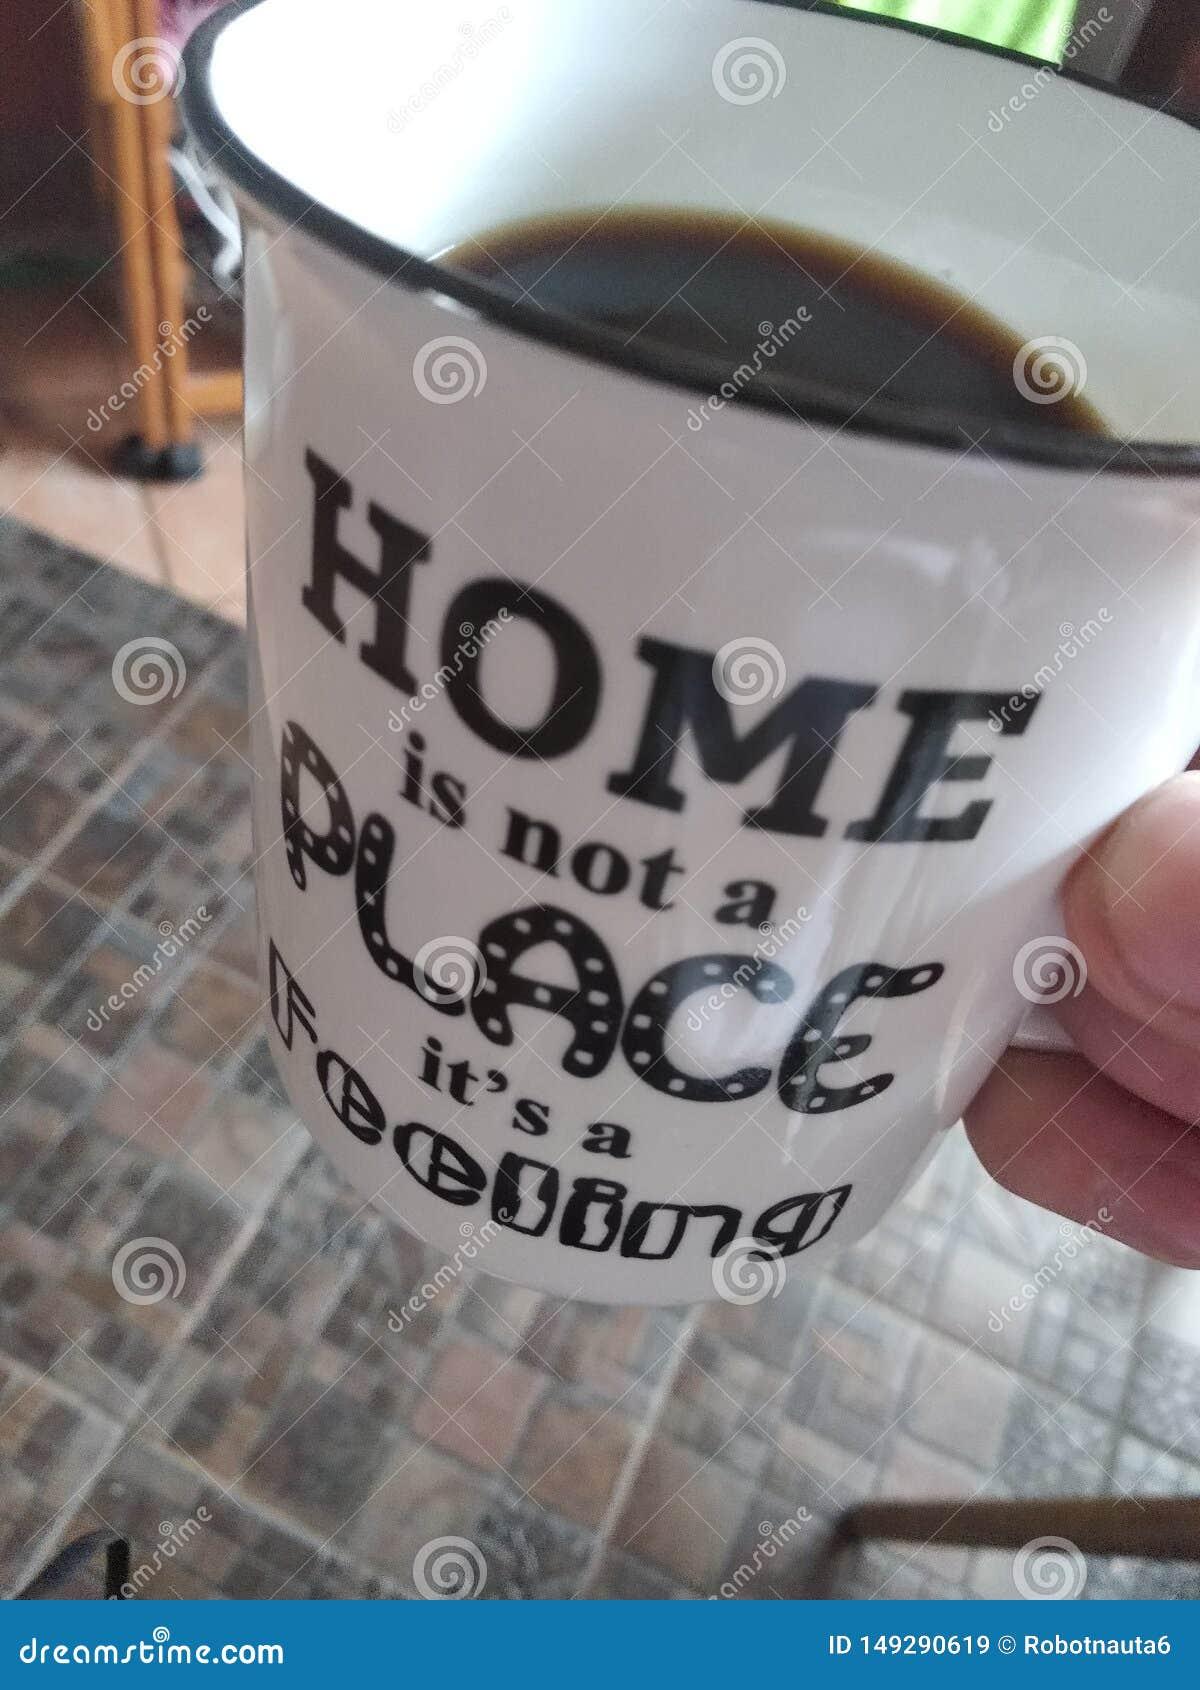 Το σπίτι δεν είναι μια θέση του ένα συναίσθημα